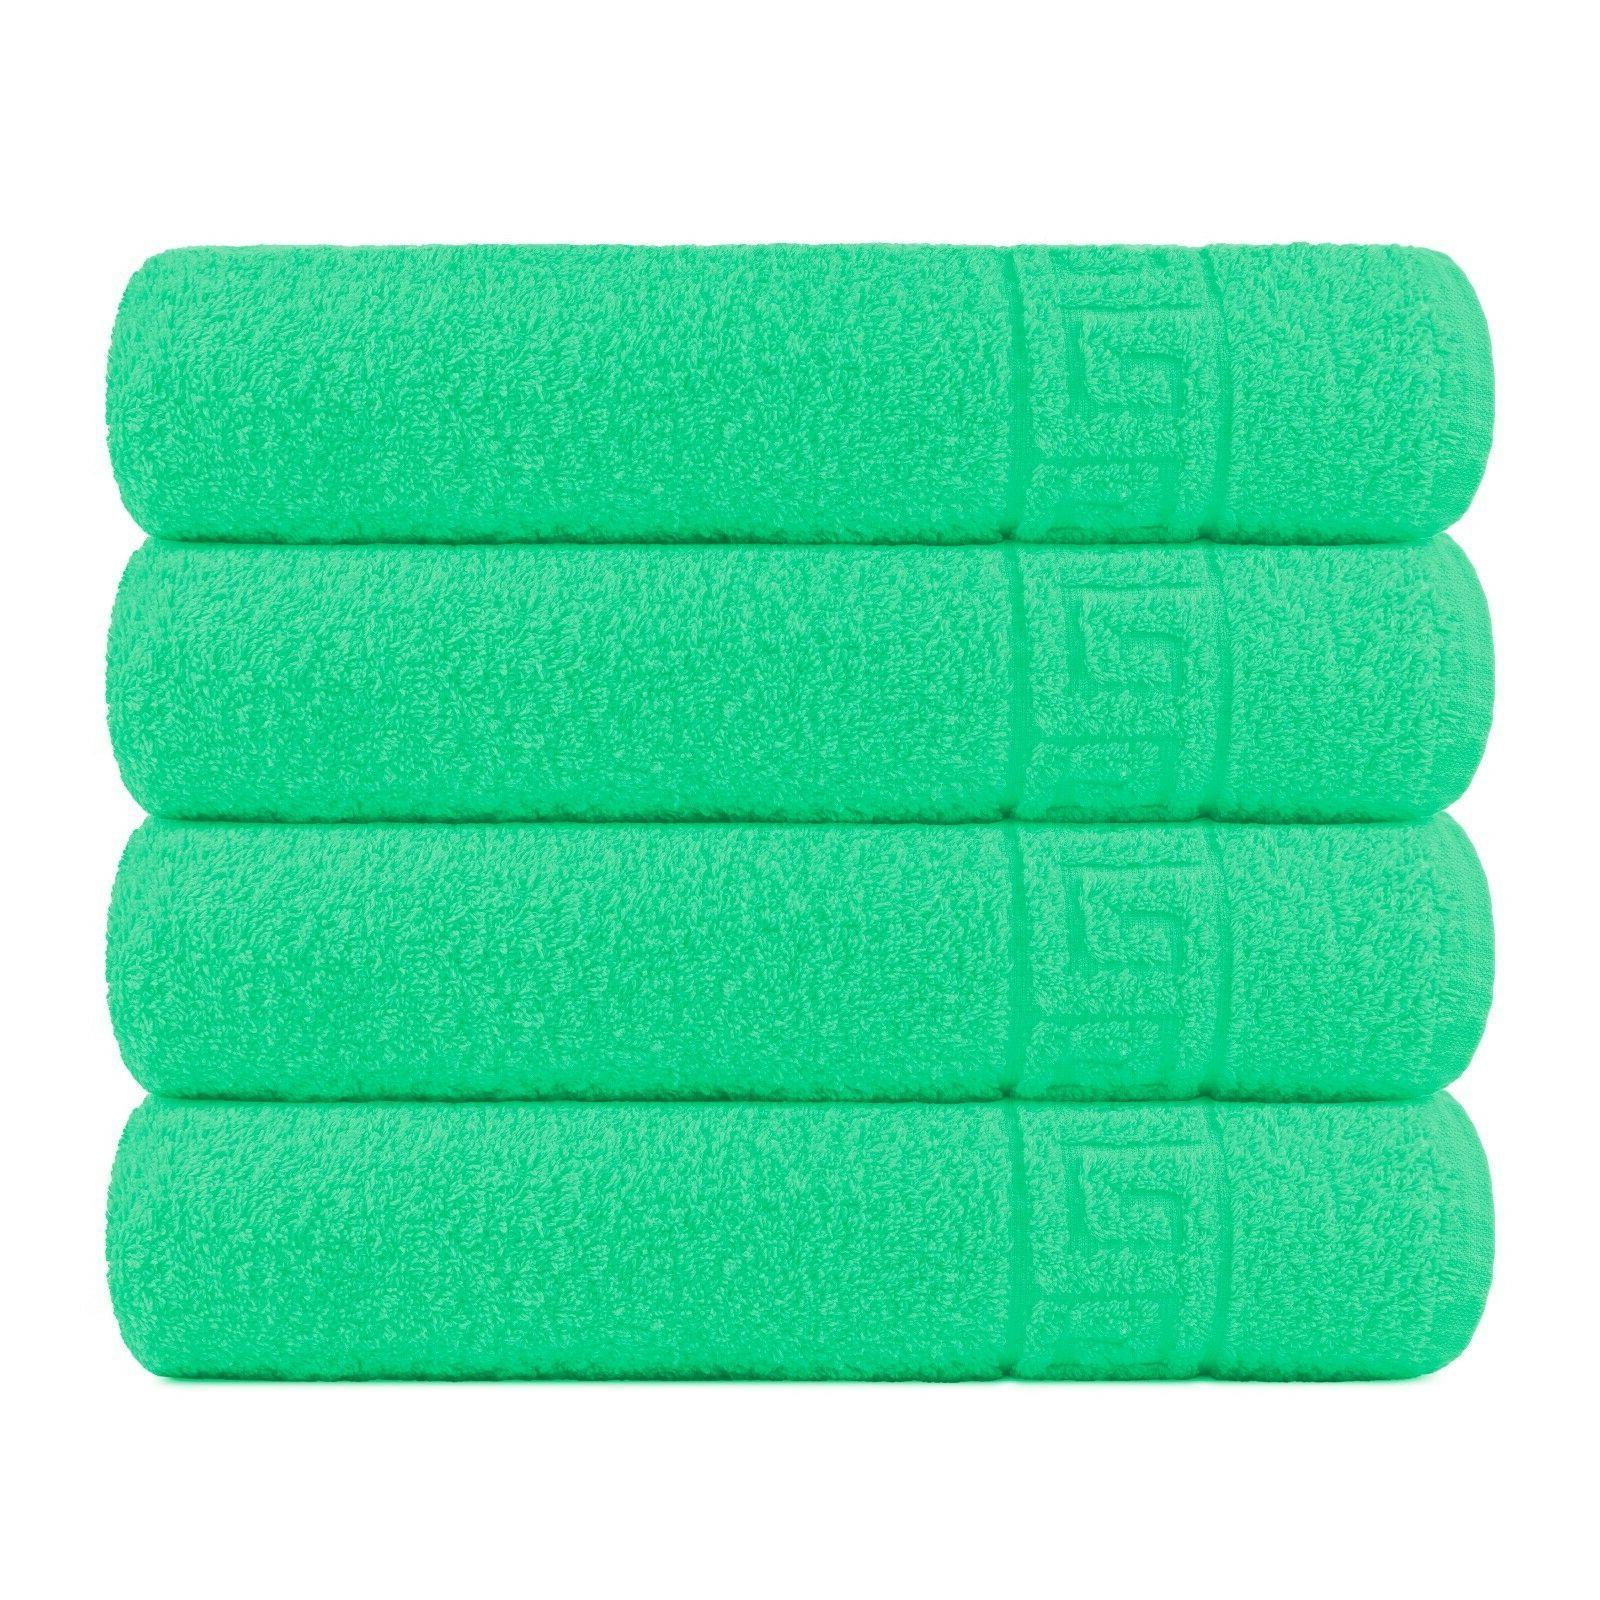 Bath Towel Cotton 4 Pcs Towels Inch Extra Absorbent Contex